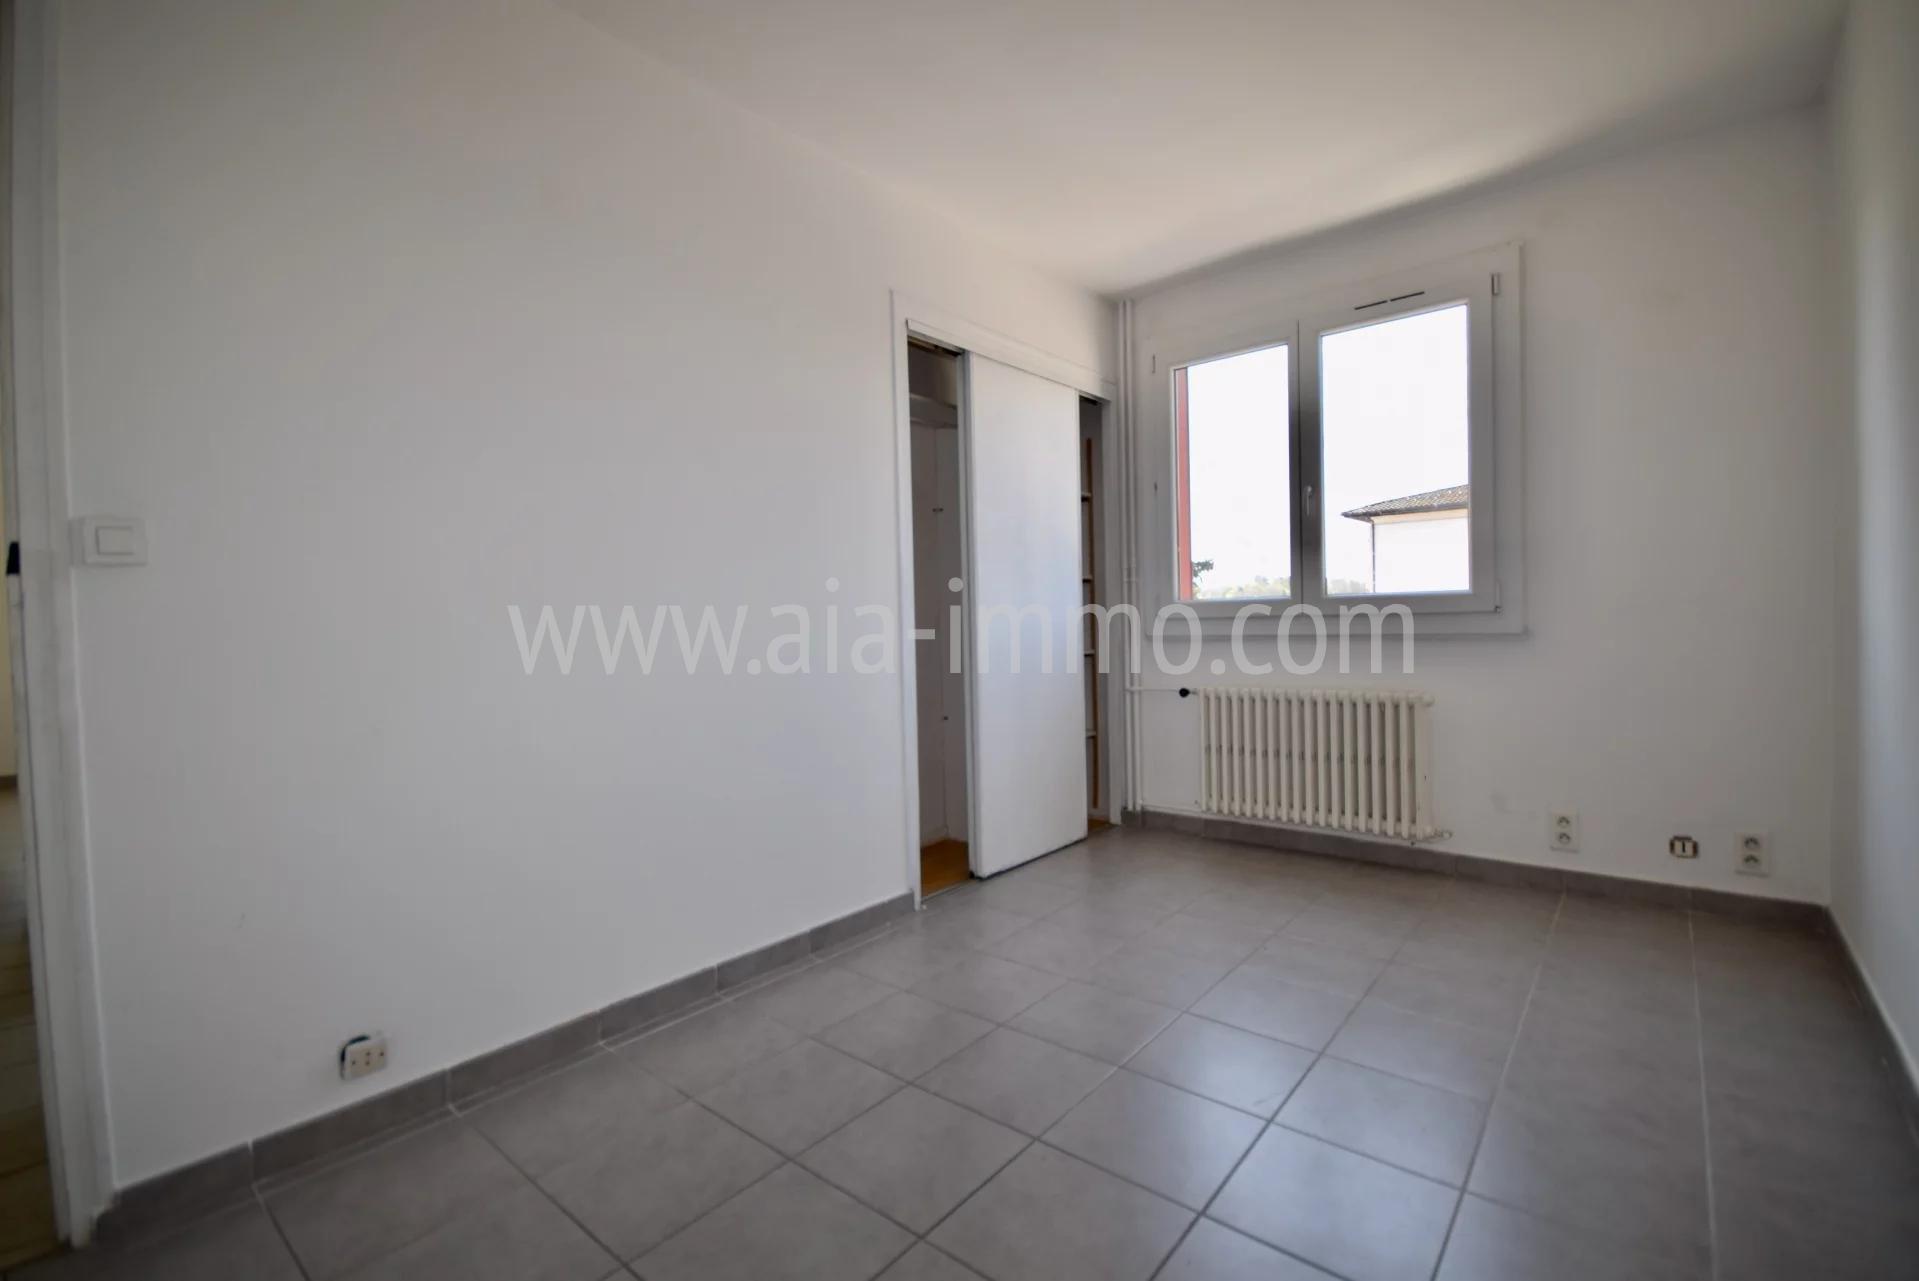 Sale Apartment - Meythet